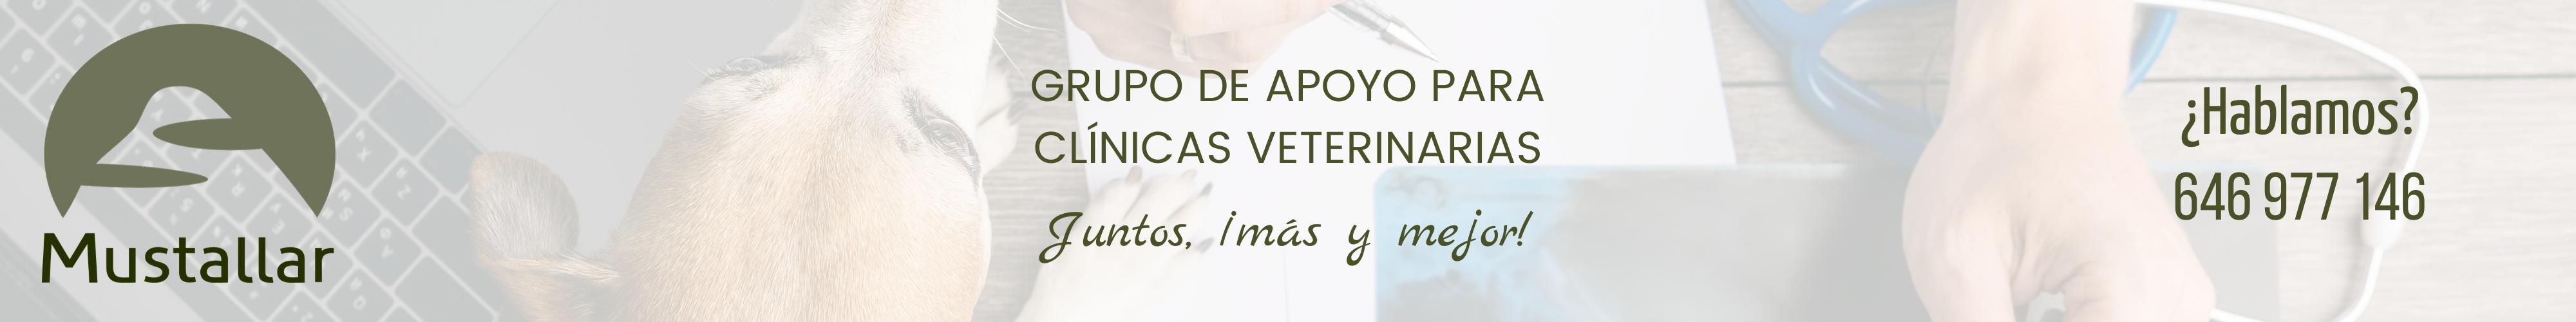 Grupo Mustallar gestión veterinaria